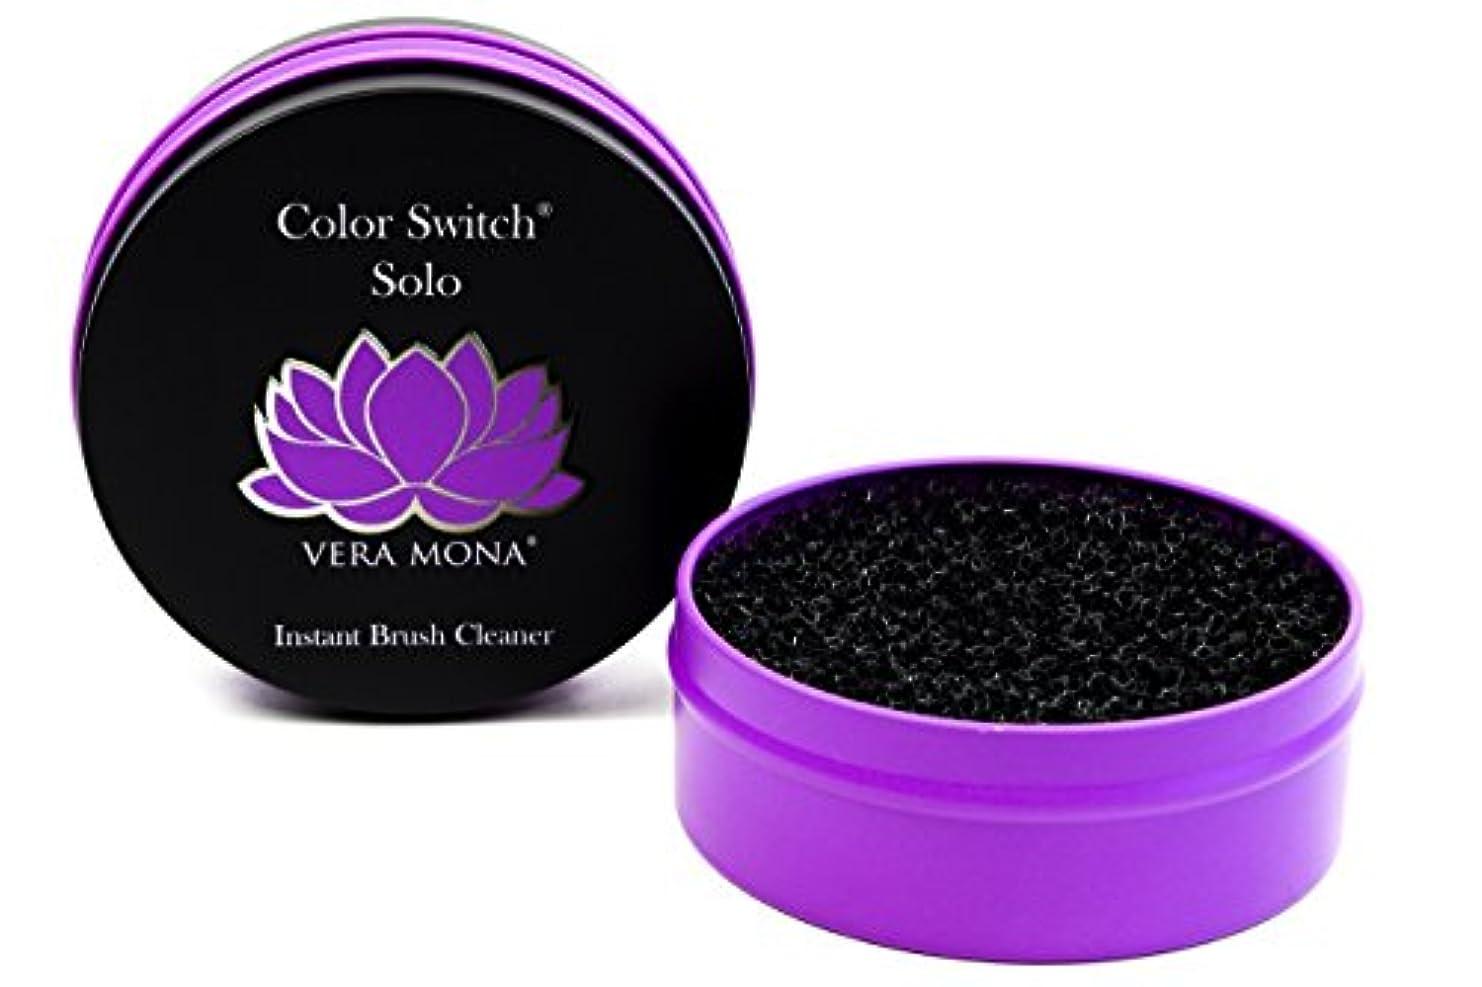 フリルつかの間副Vera Mona - あなたのブラシから影の色を削除します。 色は、ソロスイッチ 黒銀紫、白